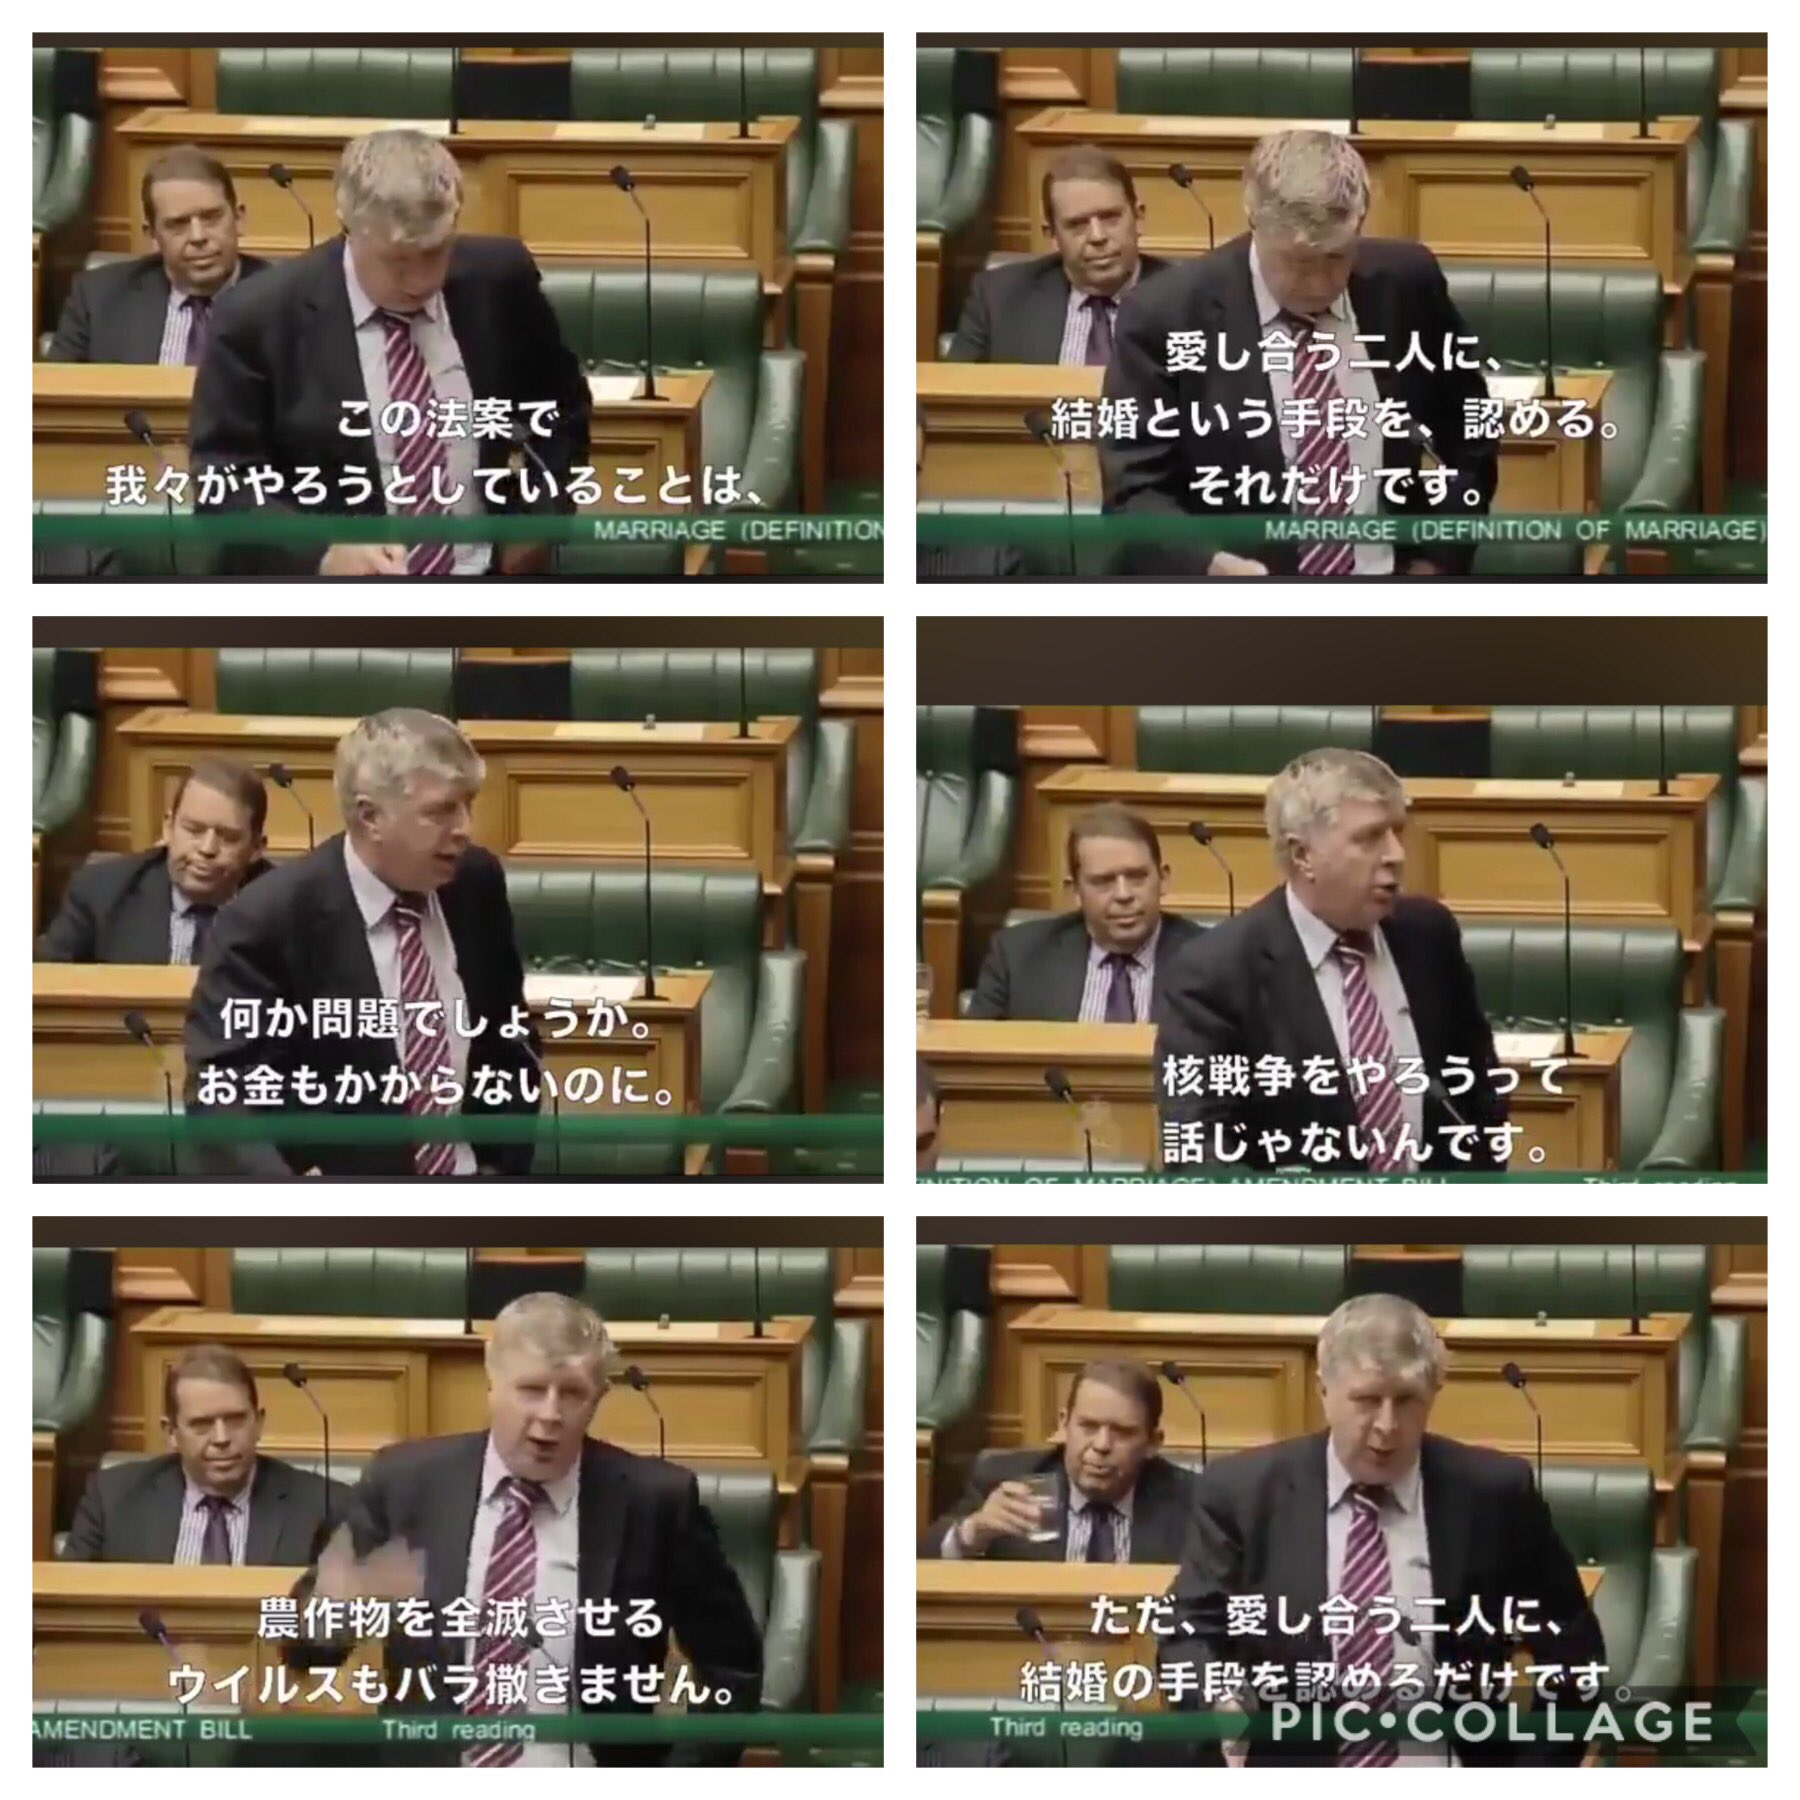 2013年にニュージーランドで同性婚を認める法案の成立に一役買ったおっさん議員のスピーチと、我が国の某おっさん議員の発言のこの差よ。